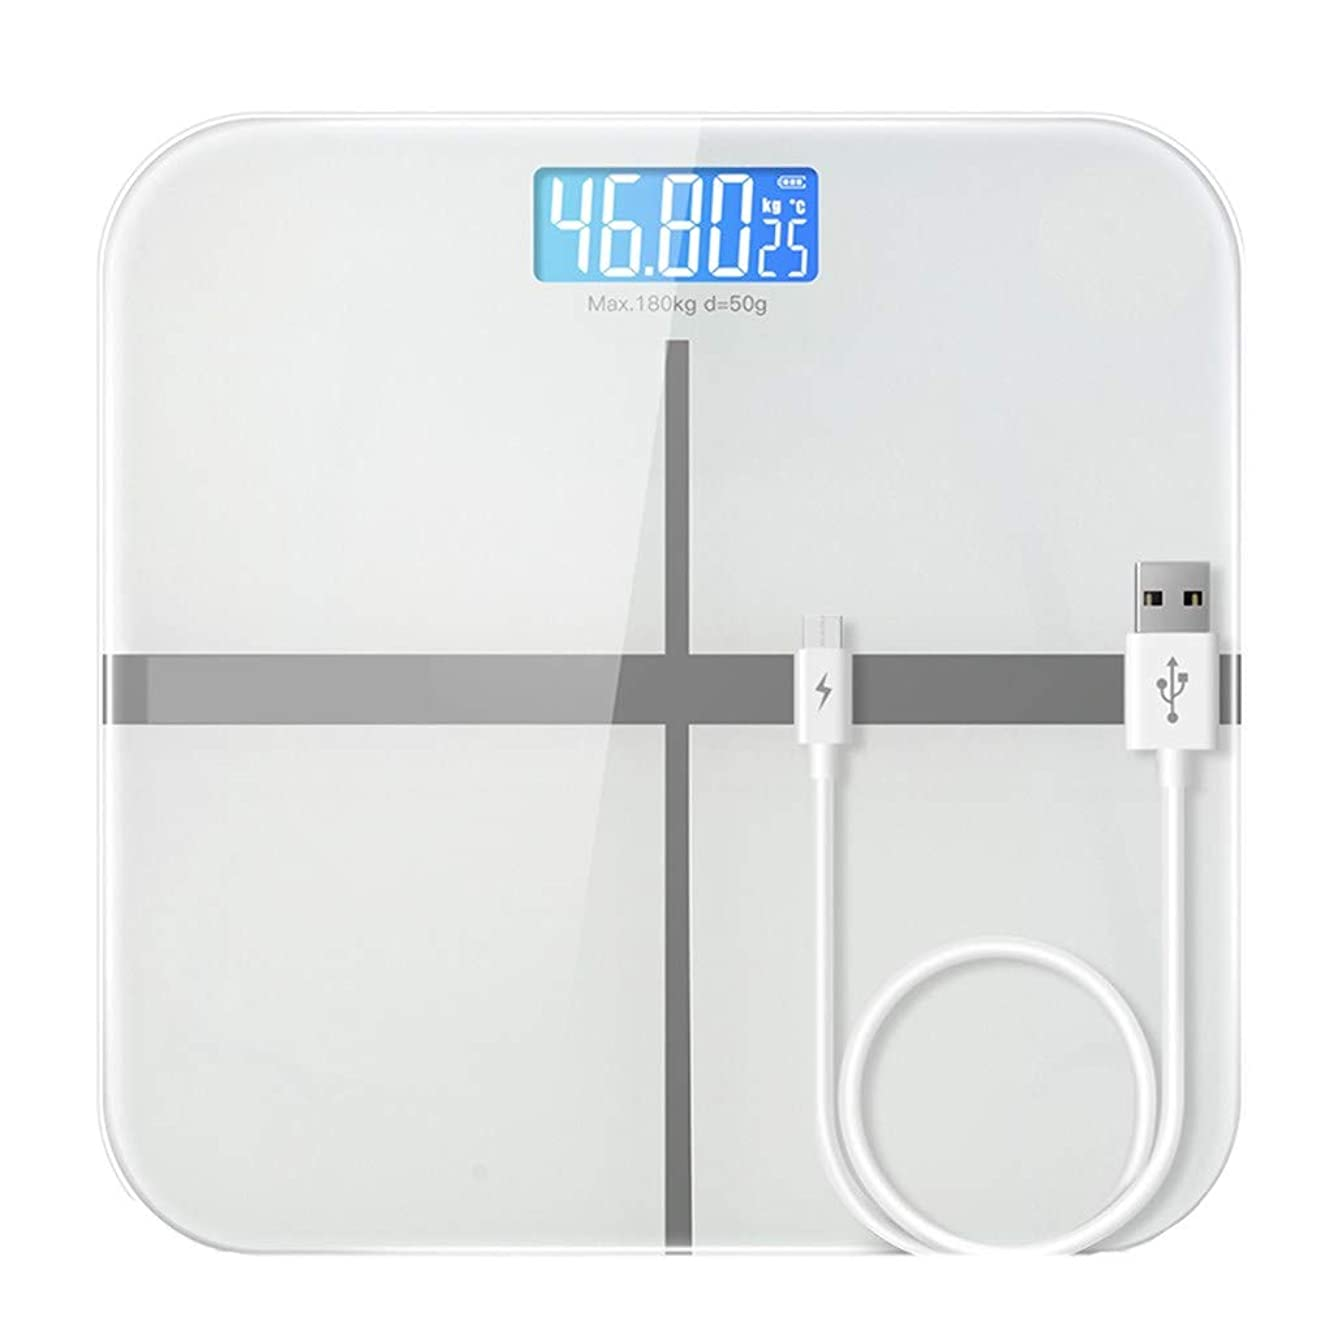 まあ二層富高精度体重計デジタル失う体重浴室スケール強化ガラスプラットフォーム大面積180kg容量USB充電